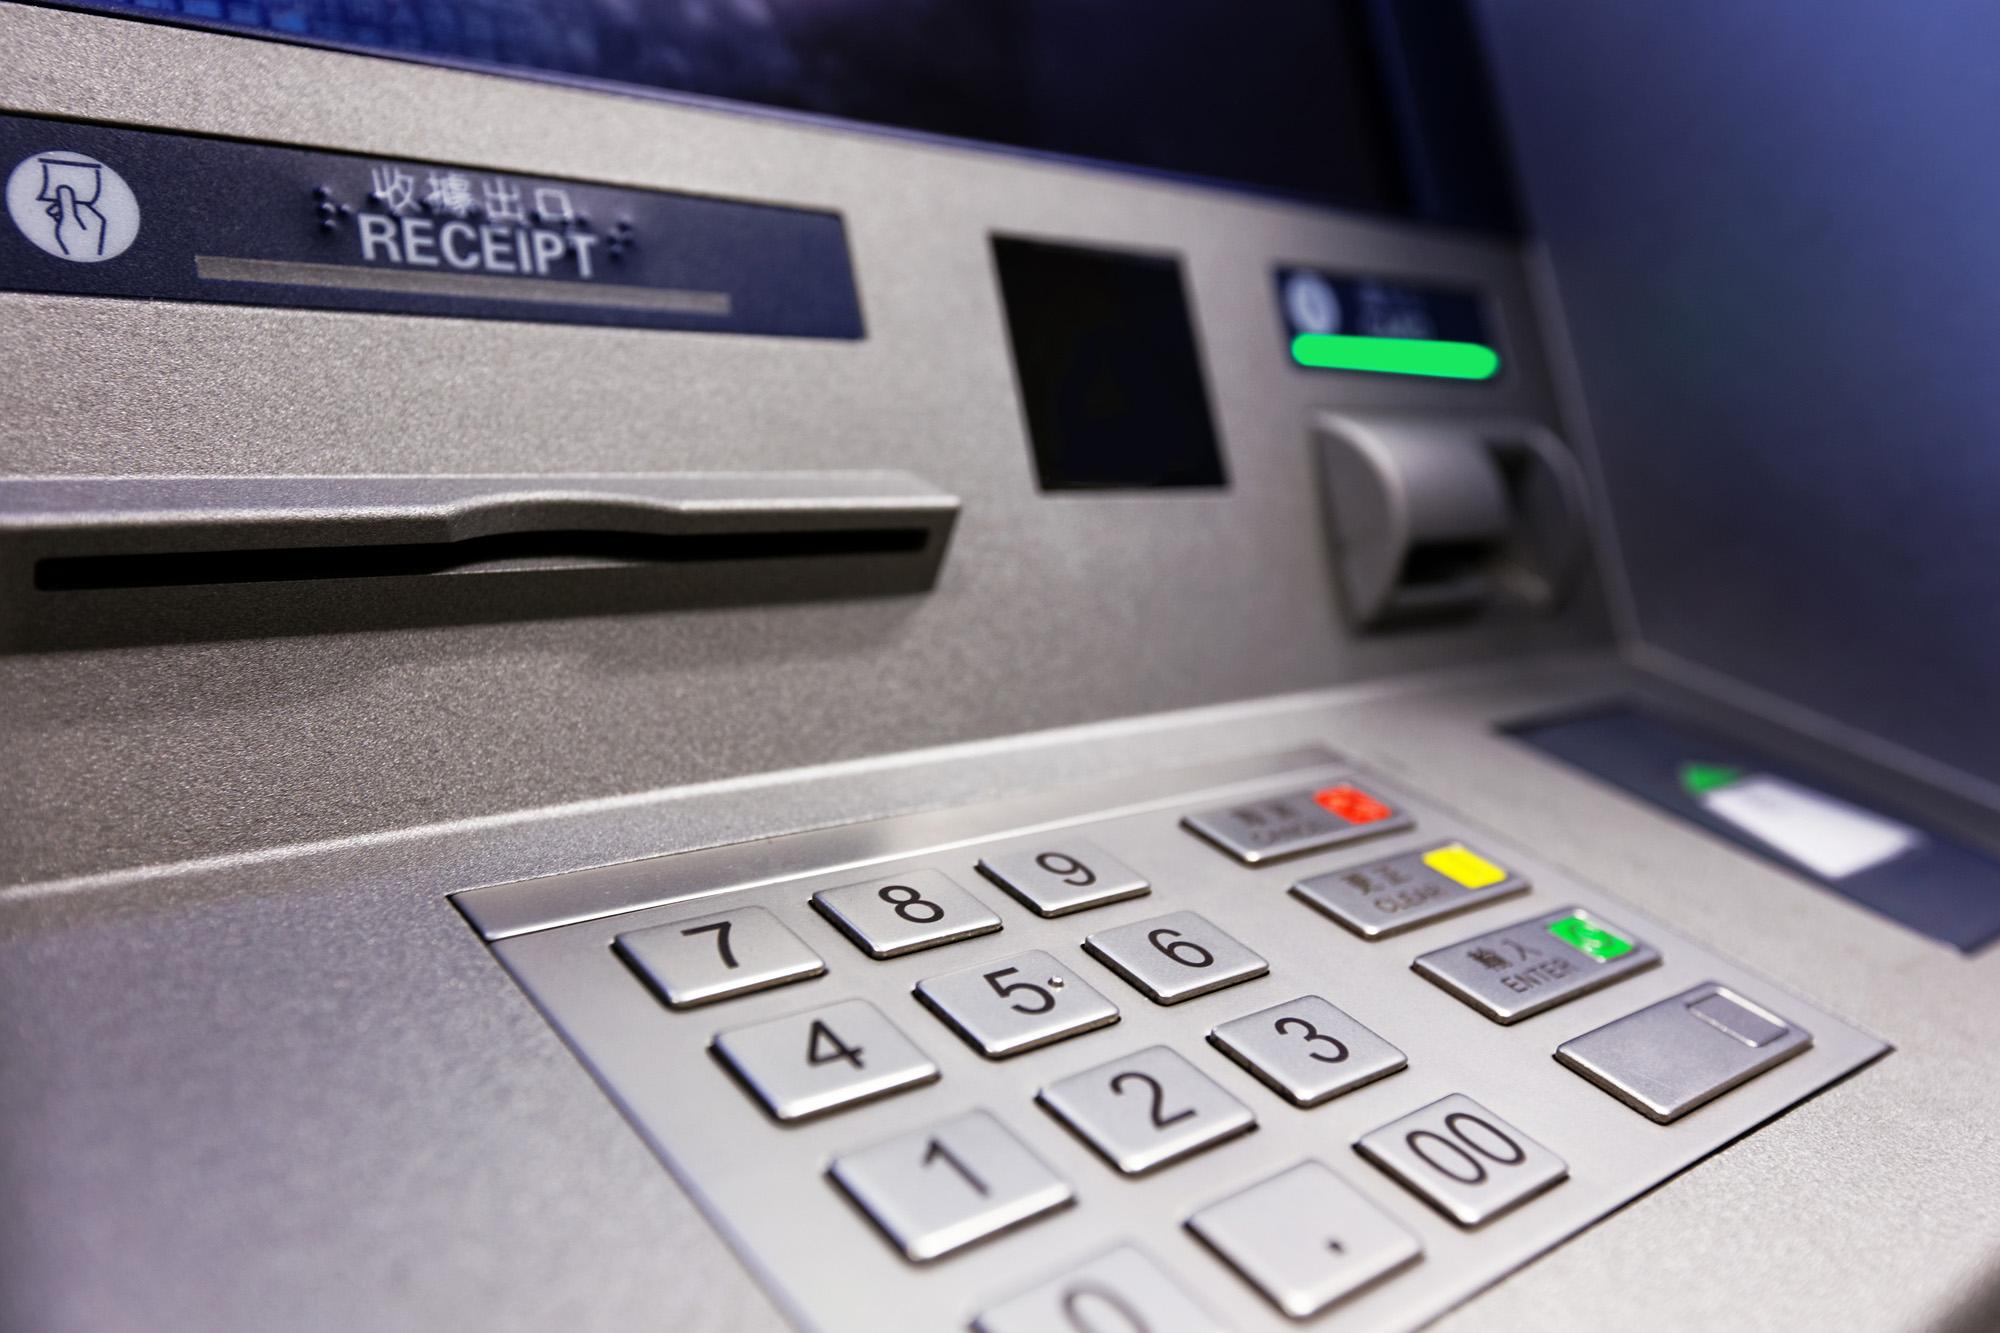 В Украину пришел необычный способ взлома банкоматов